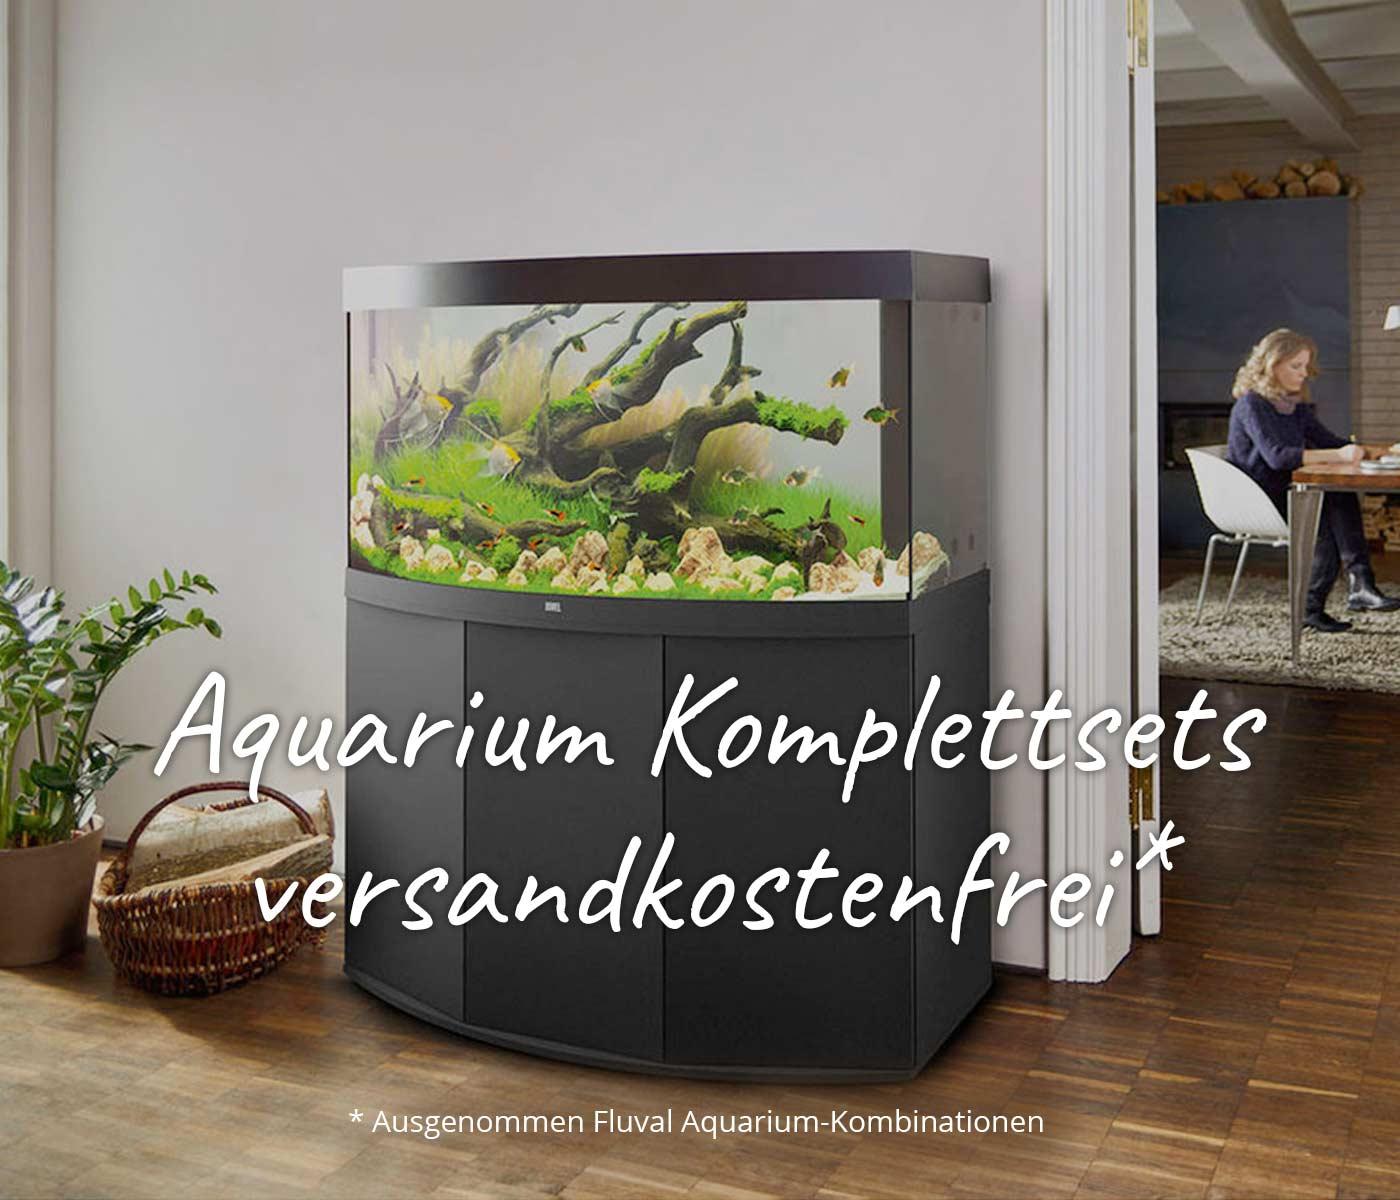 Fesselnd Aquarium Komplettset Nach Hause Liefern Lassen | Dehner